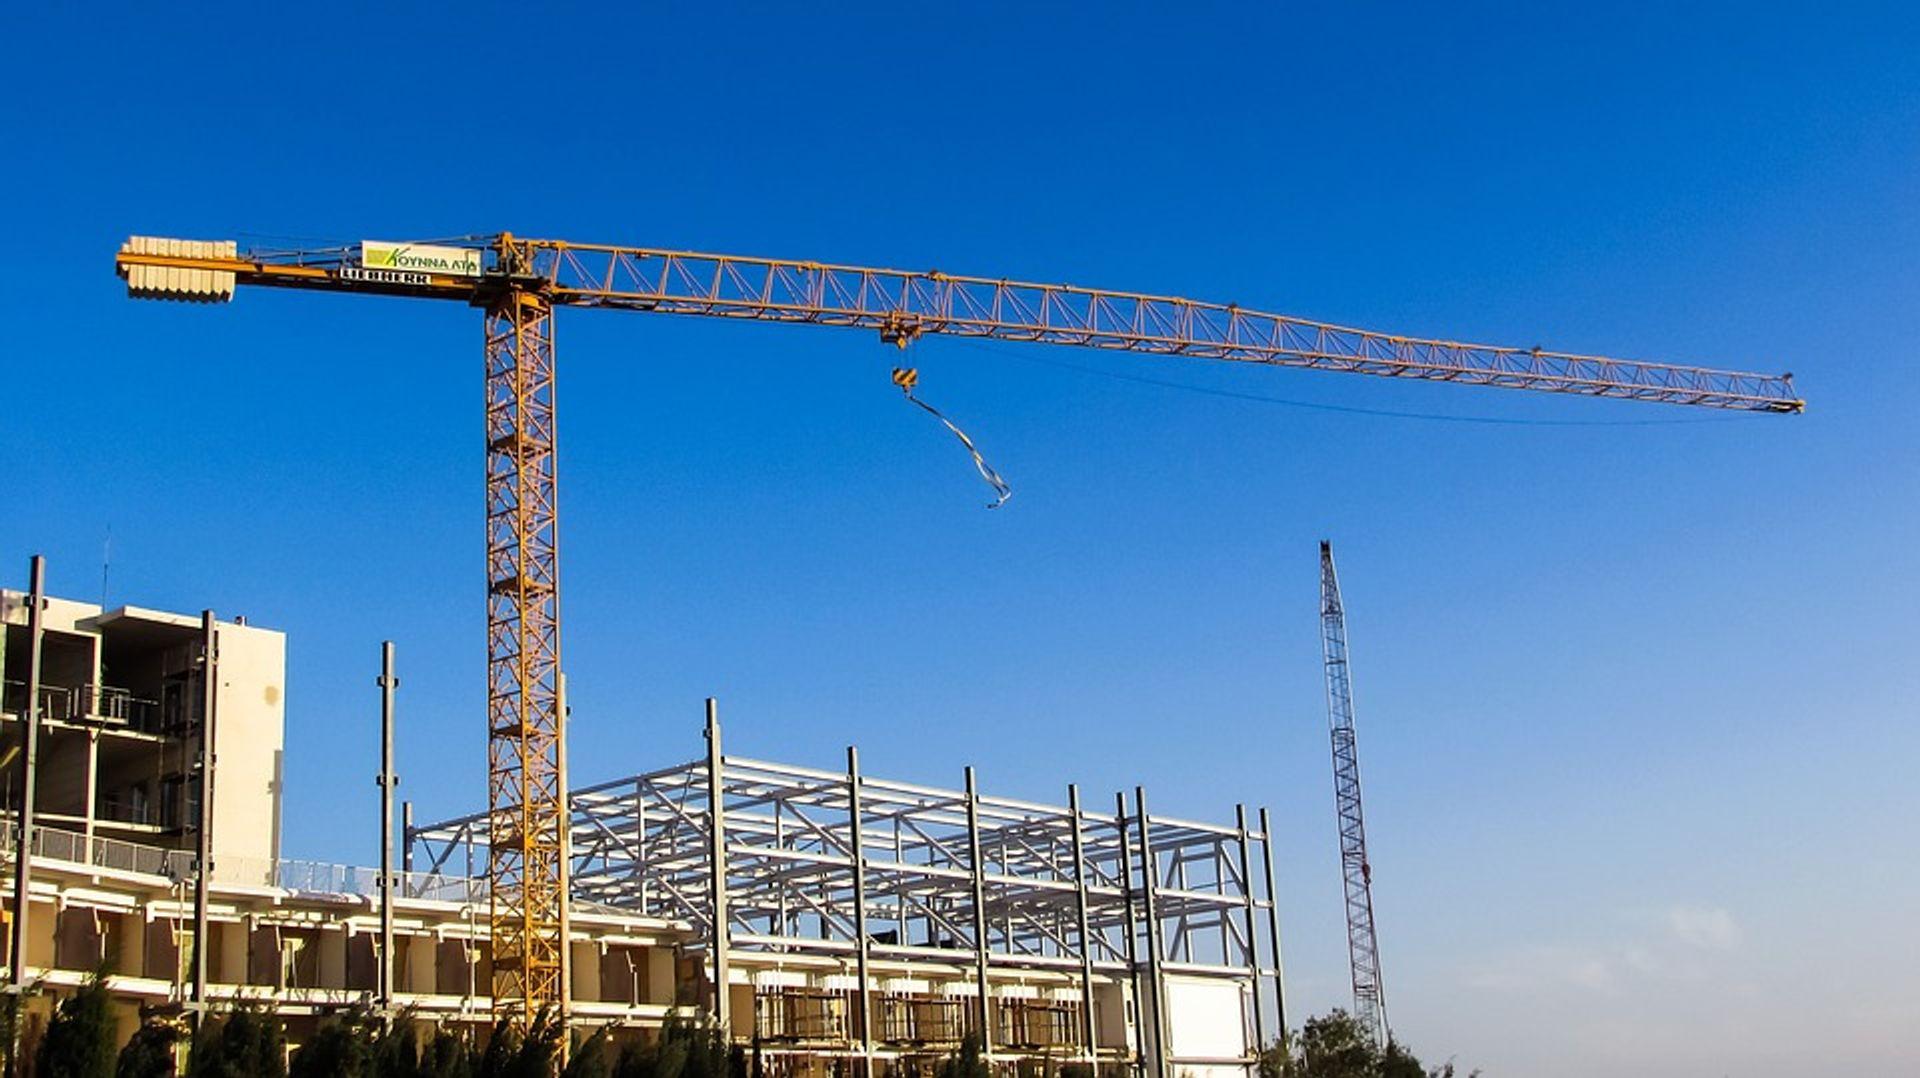 [Dolny Śląsk] ARRA Group wybuduje duże centrum logistyczno-dystrybucyjne w Głogowie